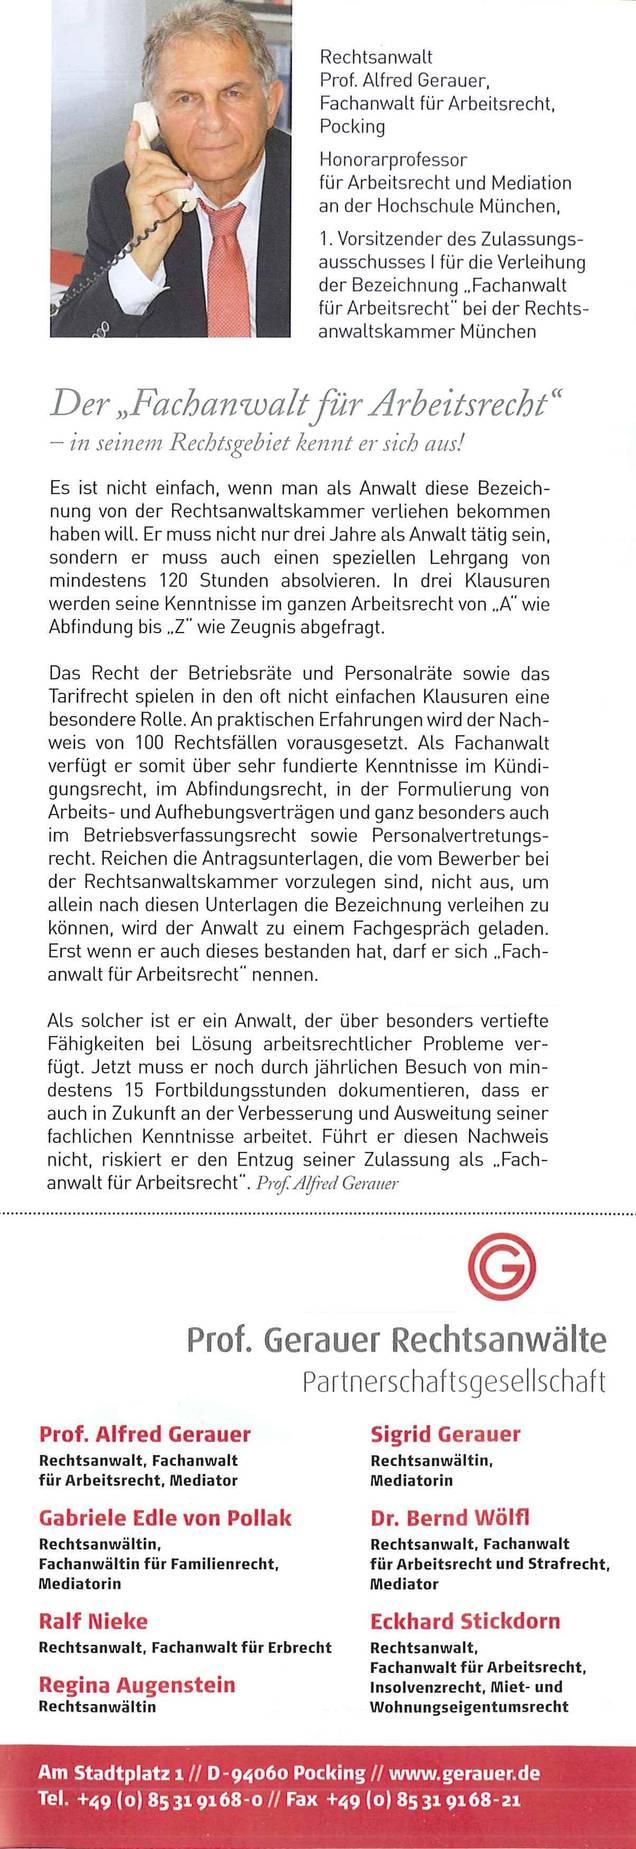 Rechtsanwalt Prof Alfred Gerauer Der Fachanwalt Für Arbeitsrecht